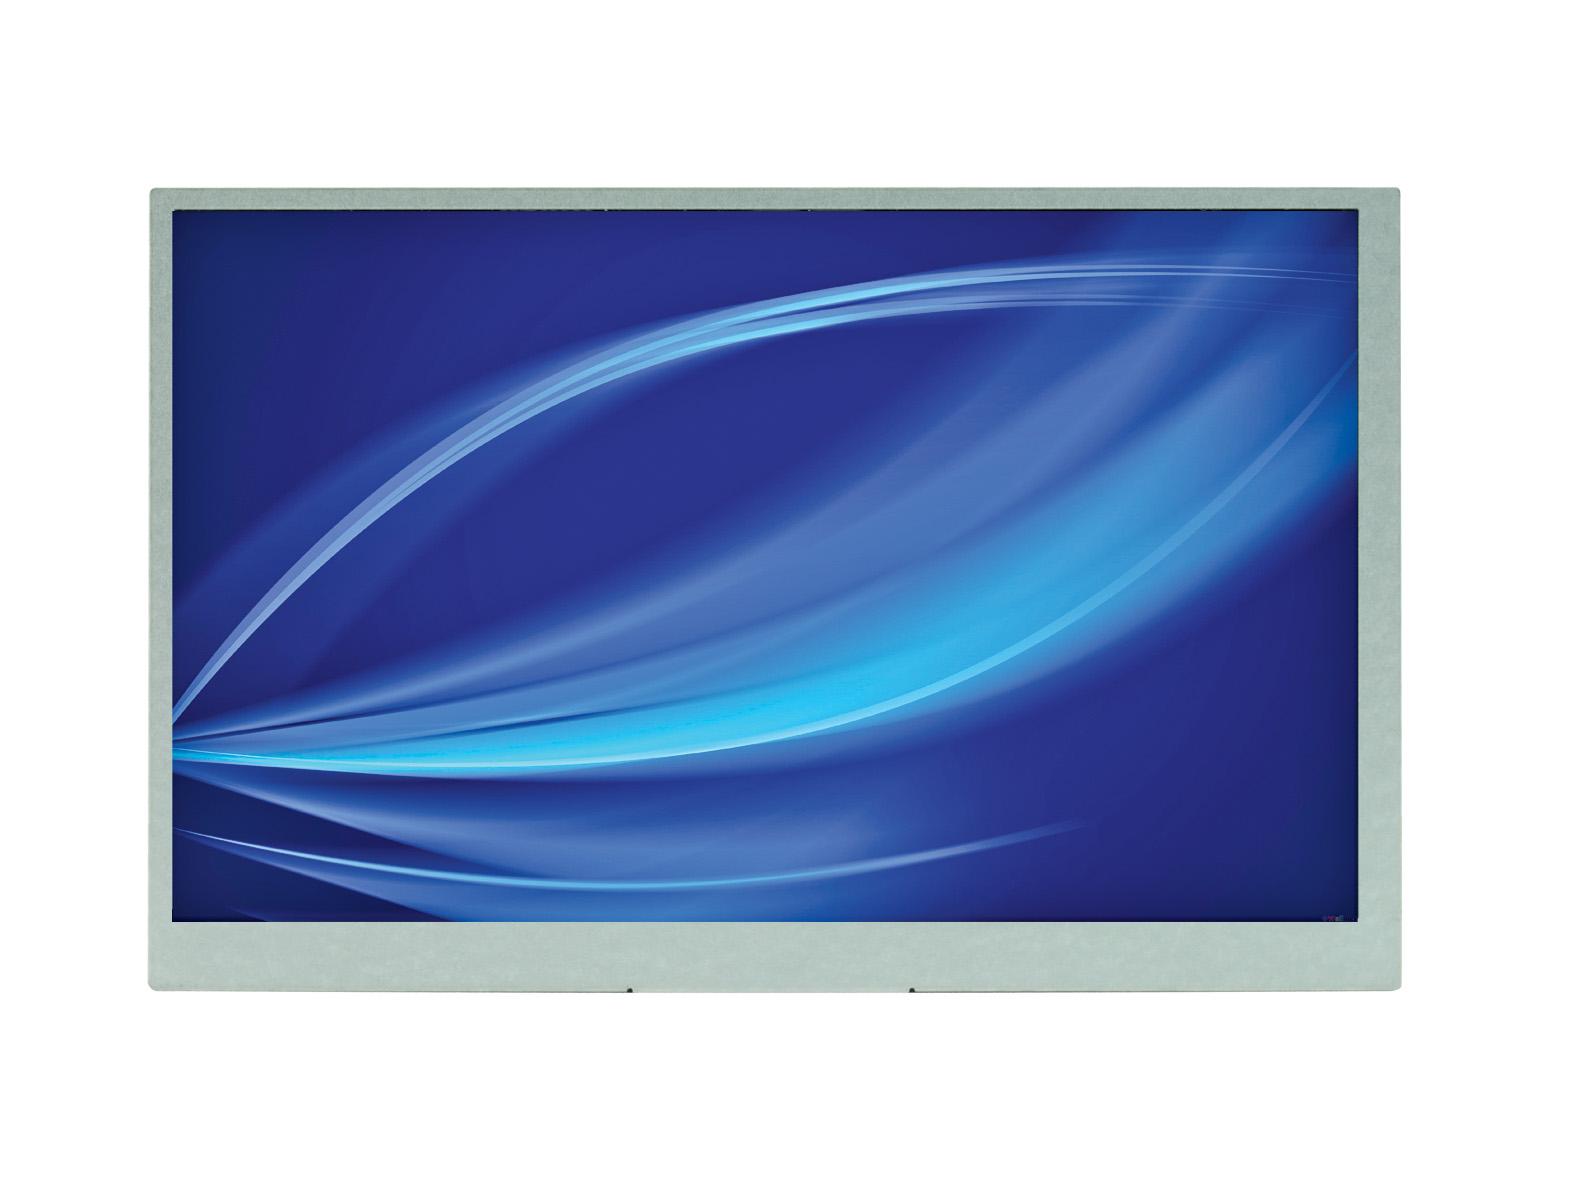 Малоформатные  ЖК-дисплеи  с высокой яркостью  и разрешением 1024 × 600